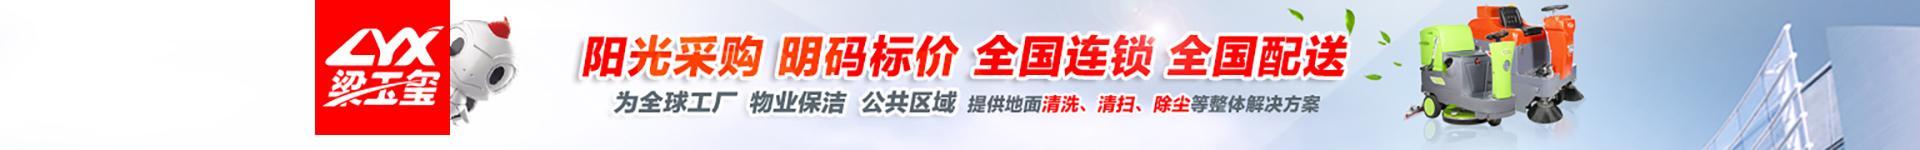 上海樑玉璽清潔產品有限公司